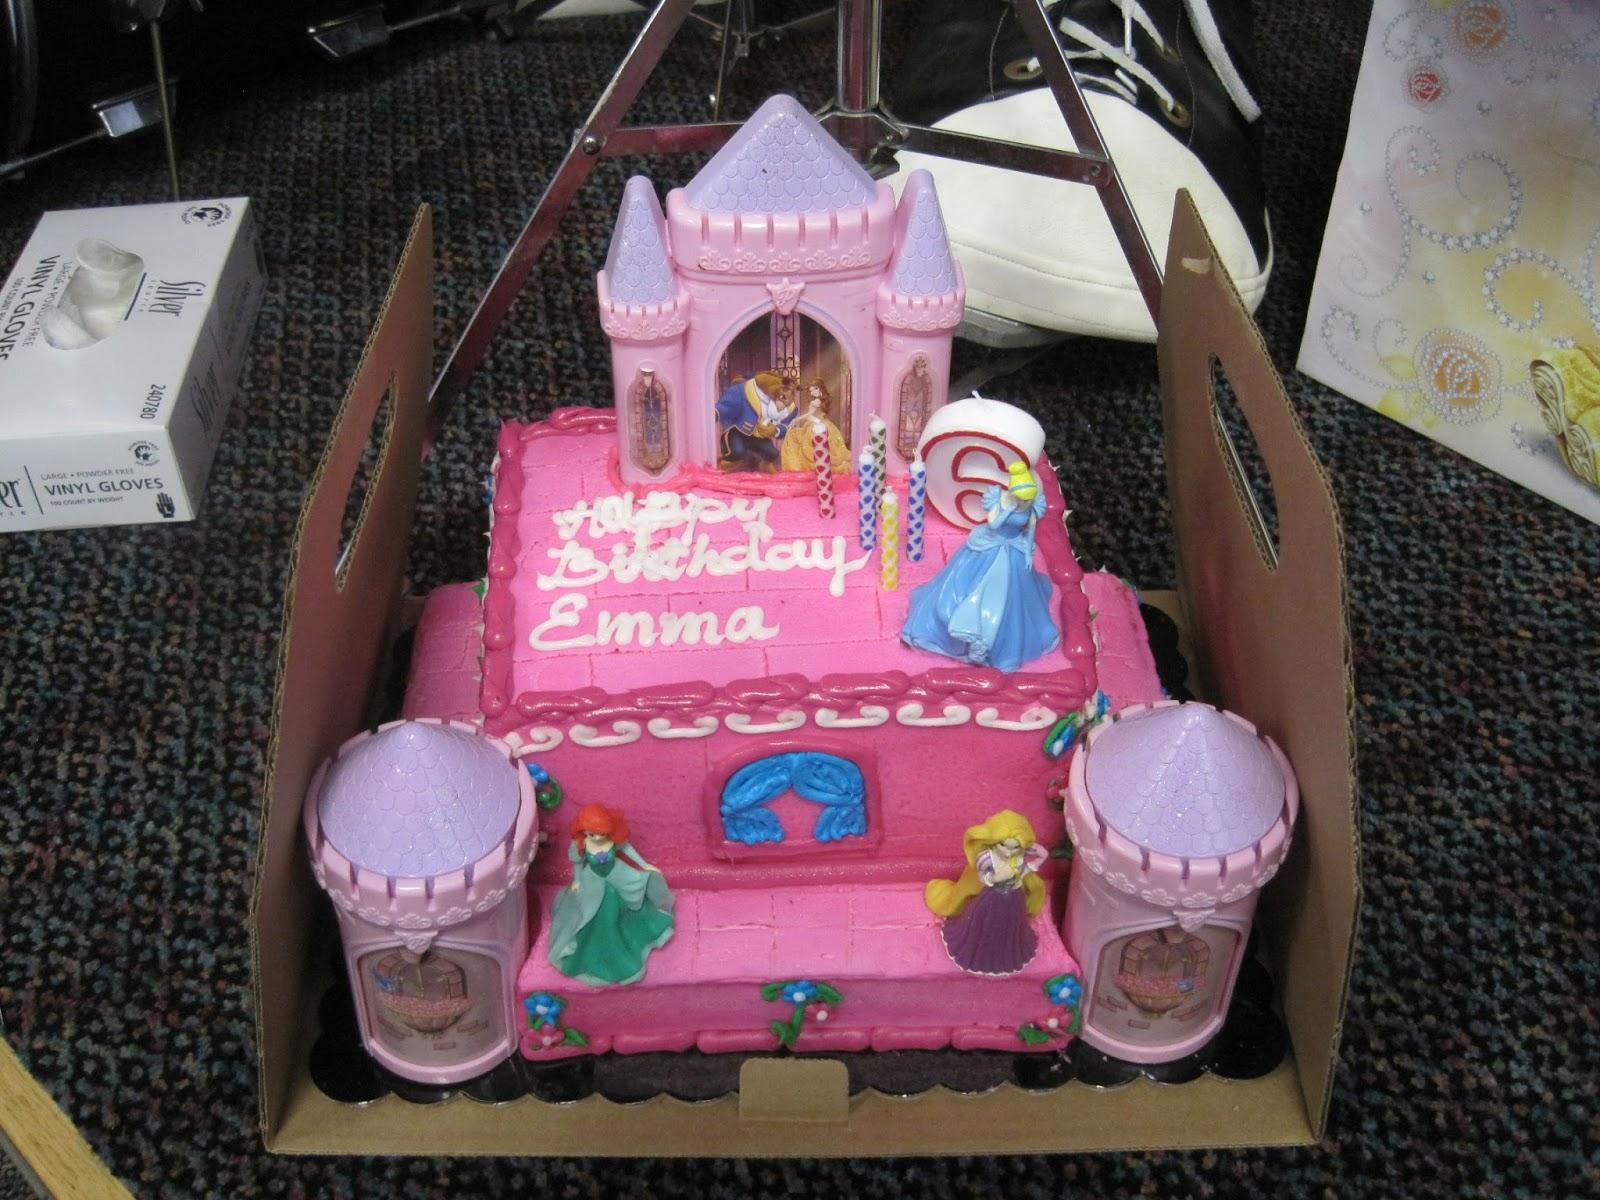 The OShea Family Happy birthday Emma